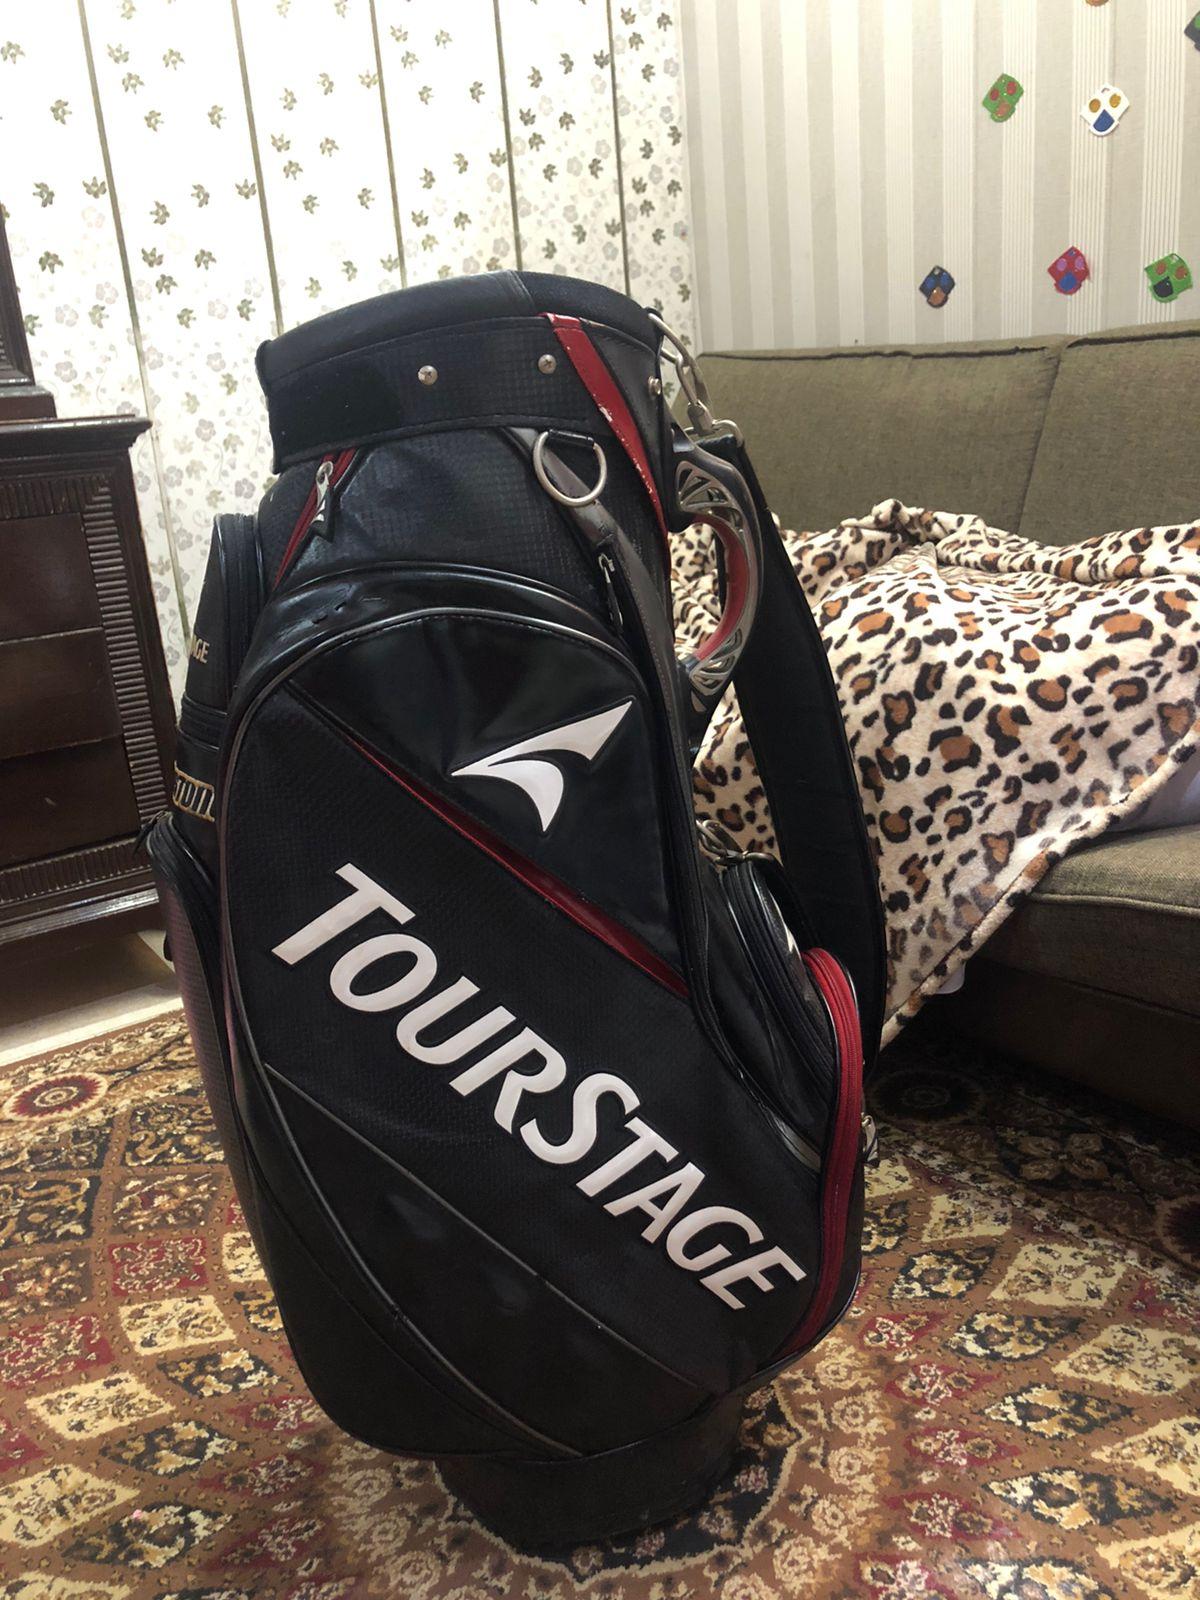 Tourstage Golf Bag